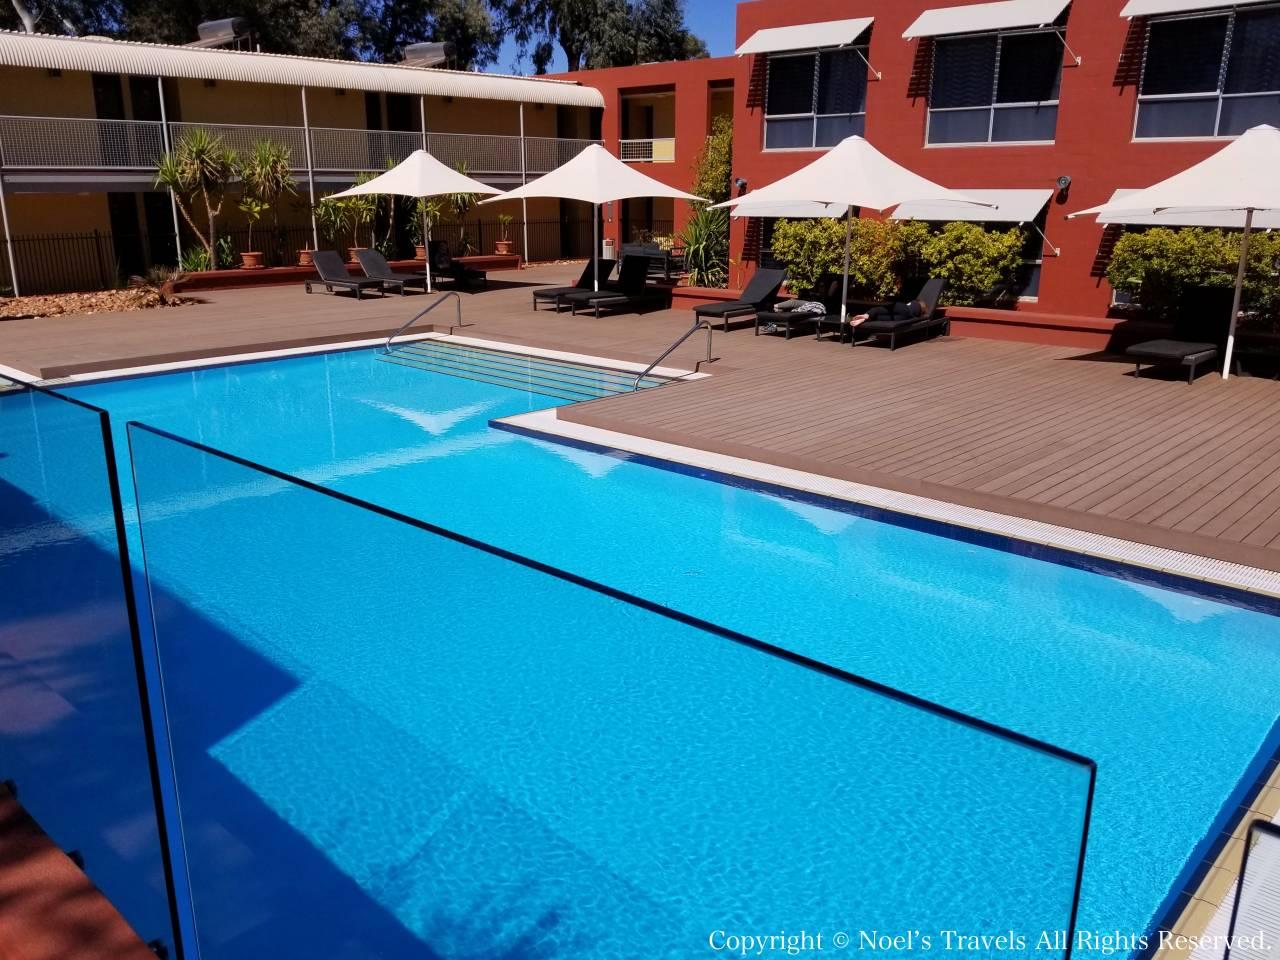 ザ・ロスト・キャメル・ホテルのプール